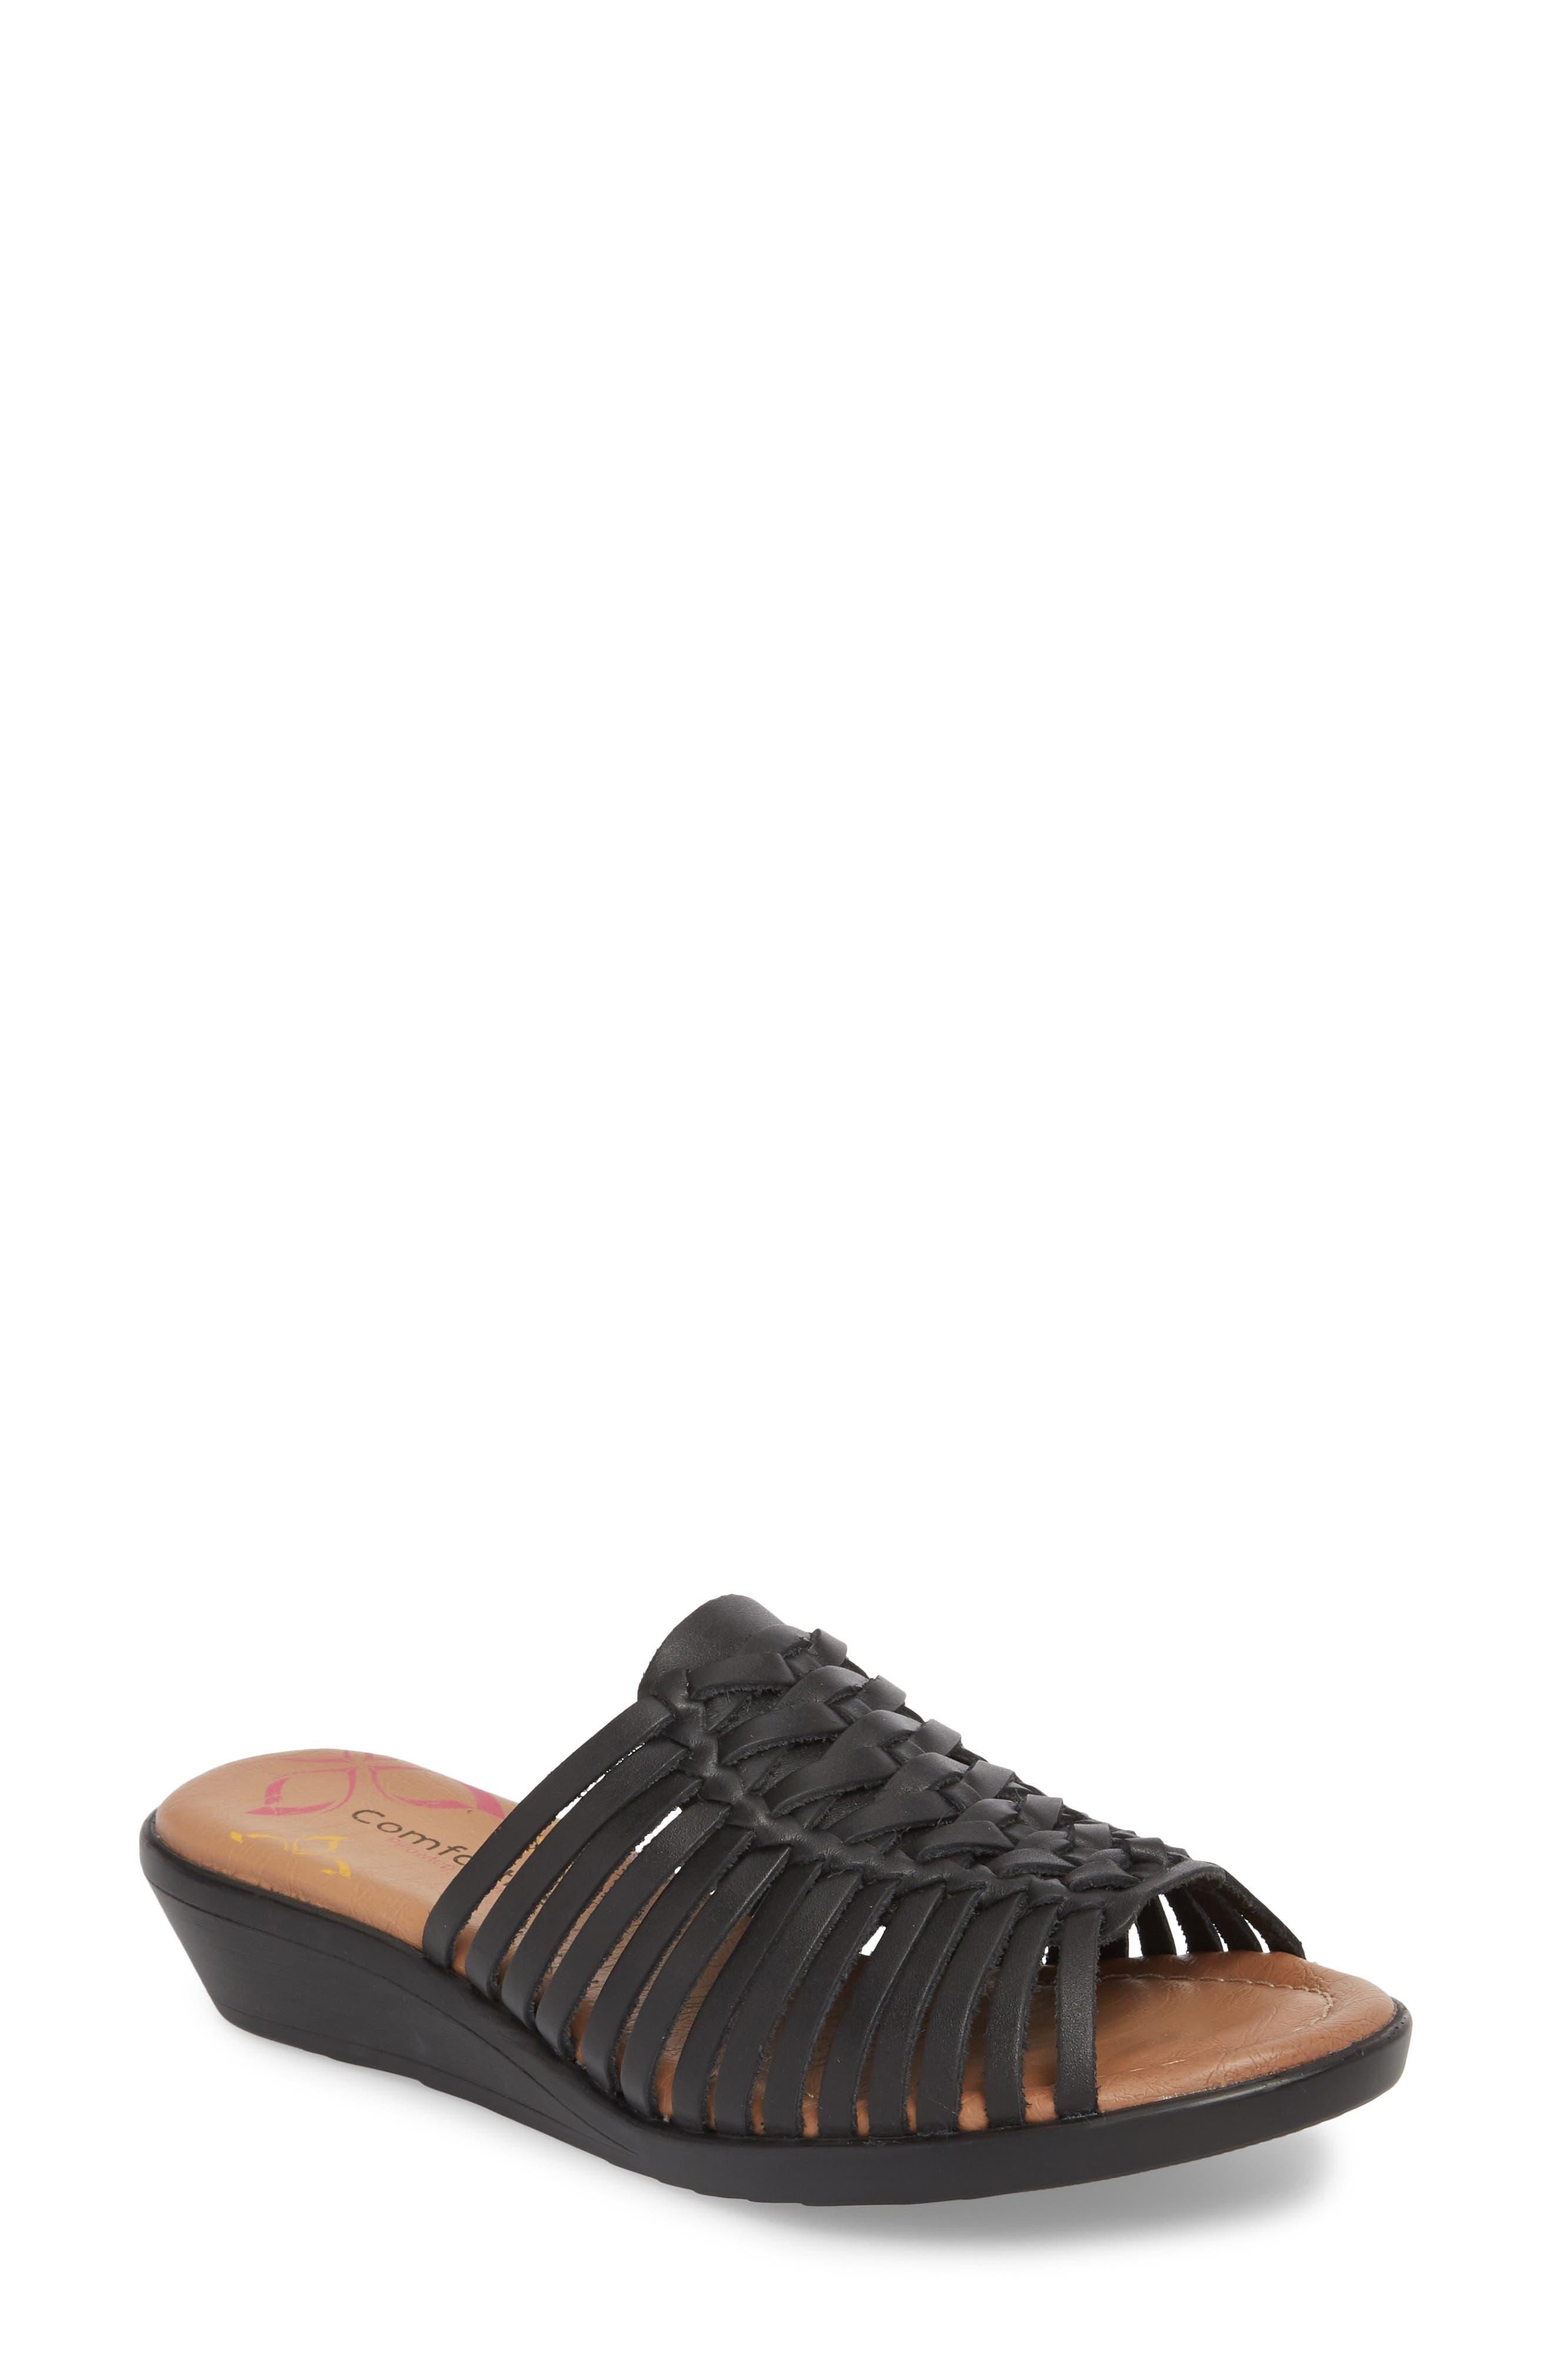 Felida Huarache Slide Sandal,                         Main,                         color, Black Leather